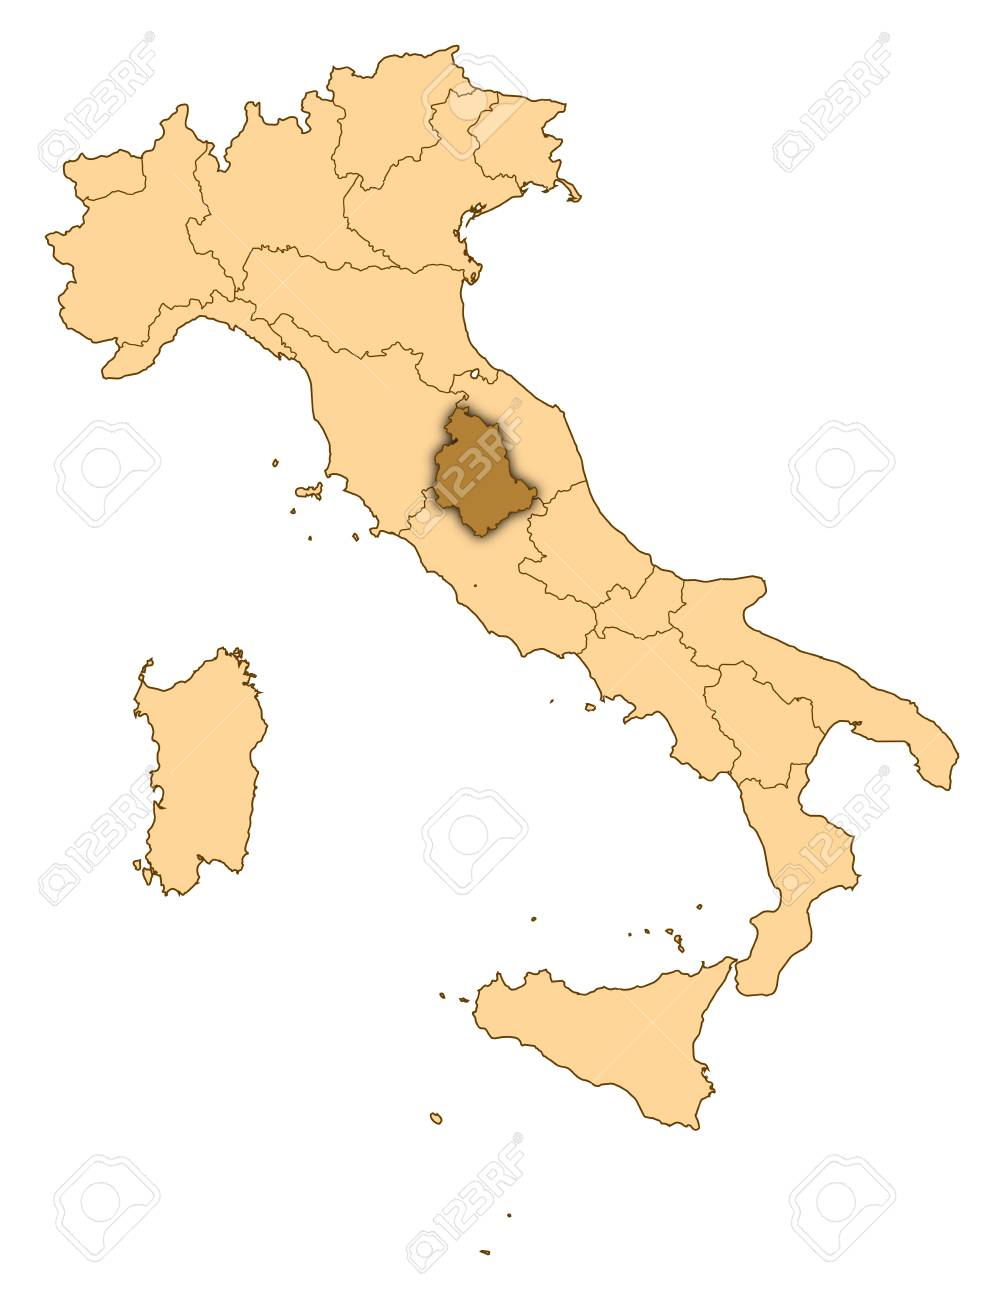 Cartina Abruzzo Umbria.Immagini Stock Mappa D Italia Dove E Evidenziato Umbria Image 14415057